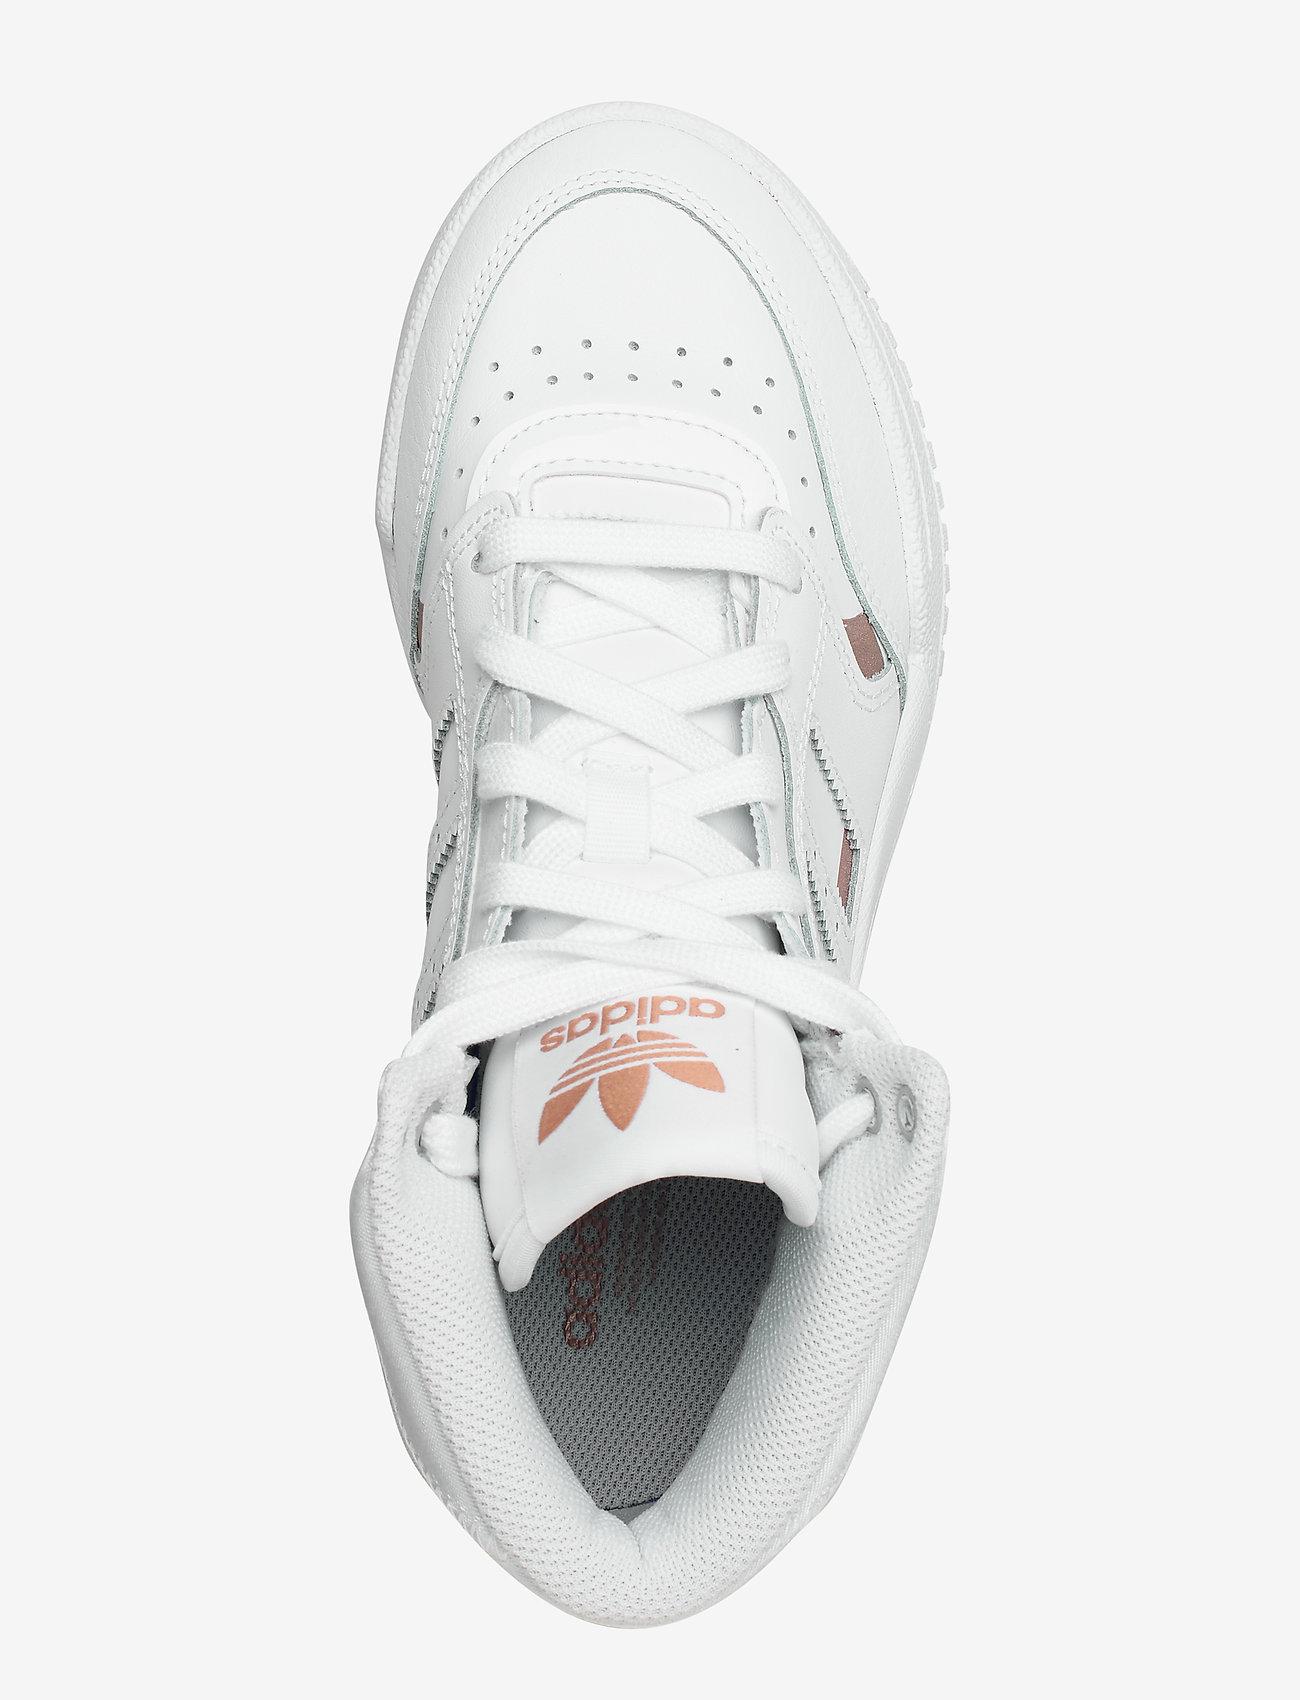 Adidas Originals Drop Step W - Sneakers Ftwwht/coppmt/ftwwht